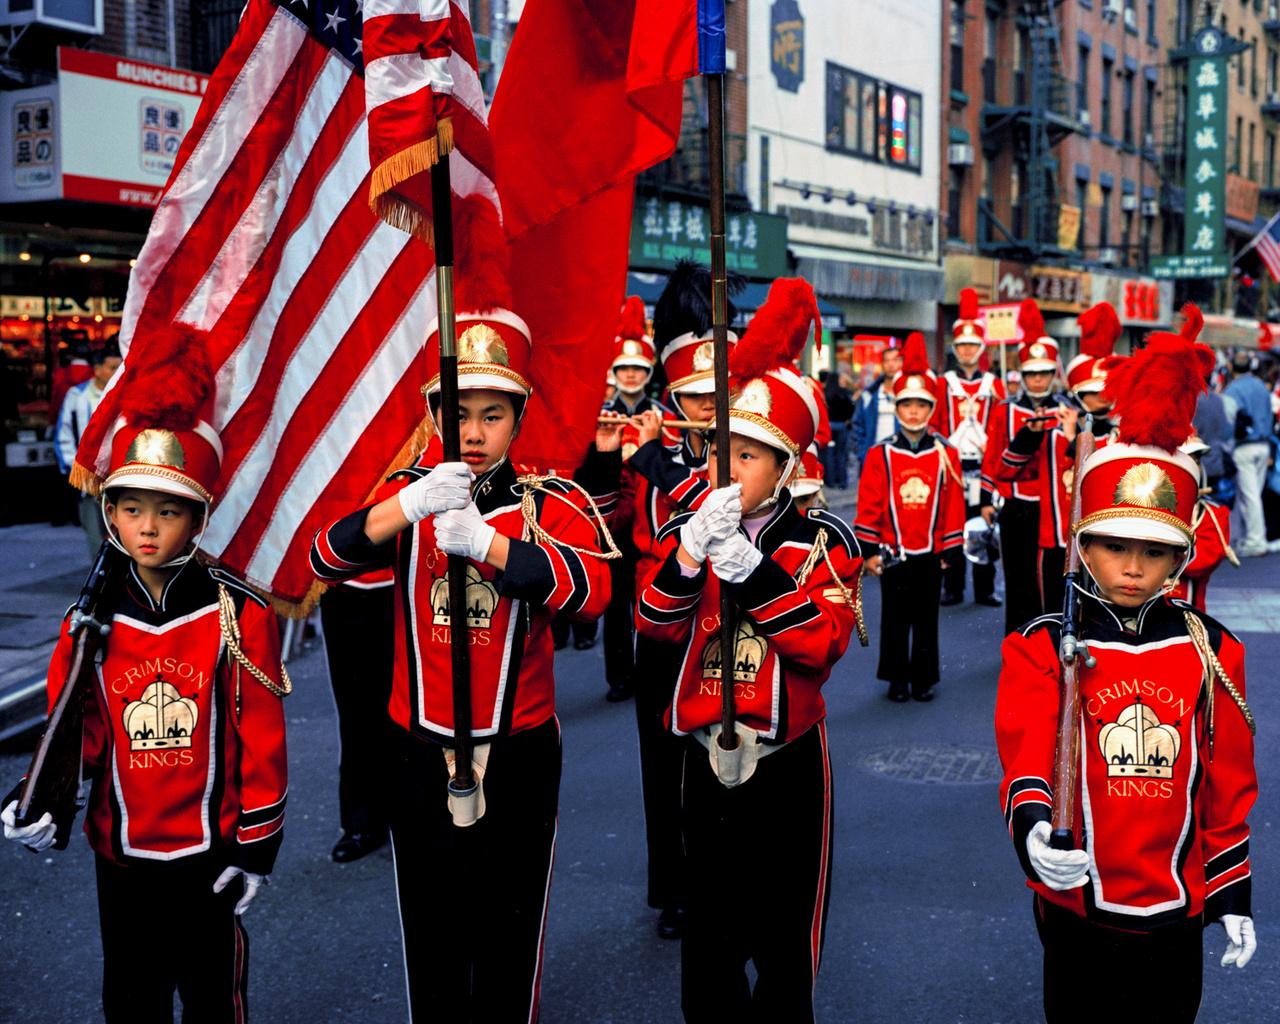 A Crimson Kings (Bíbor királyok) nevű zenekar felvonulása október 10-én, New York kínai negyedében. A dátum a Kínai Köztársaság alapításának évfordulója.